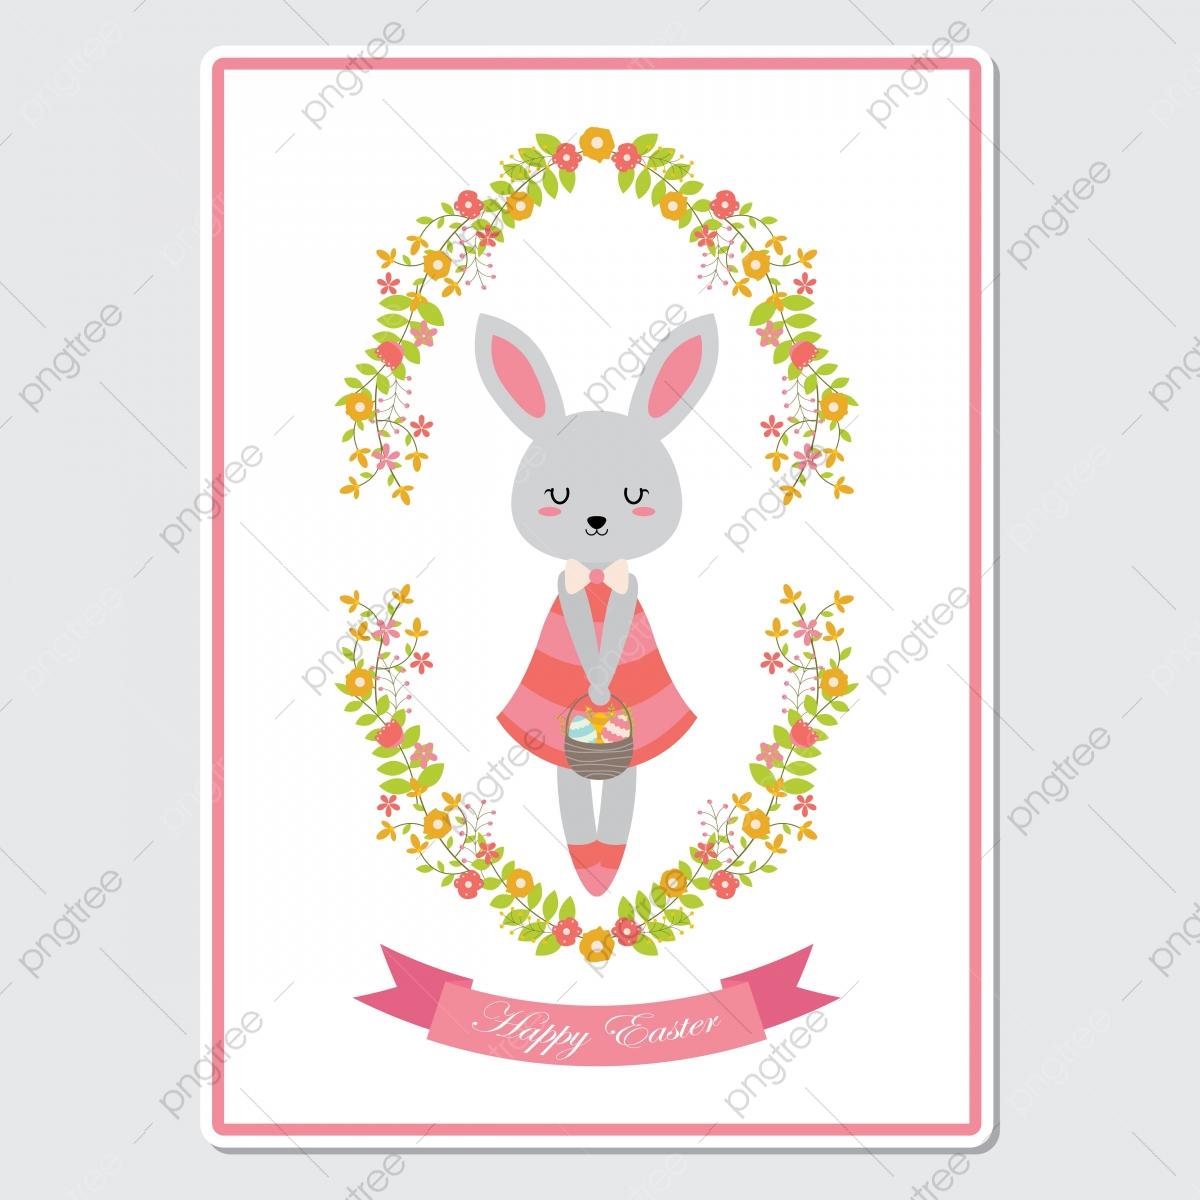 Y Tarjeta De Saludo La Adorable Conejita En Un Dibujo